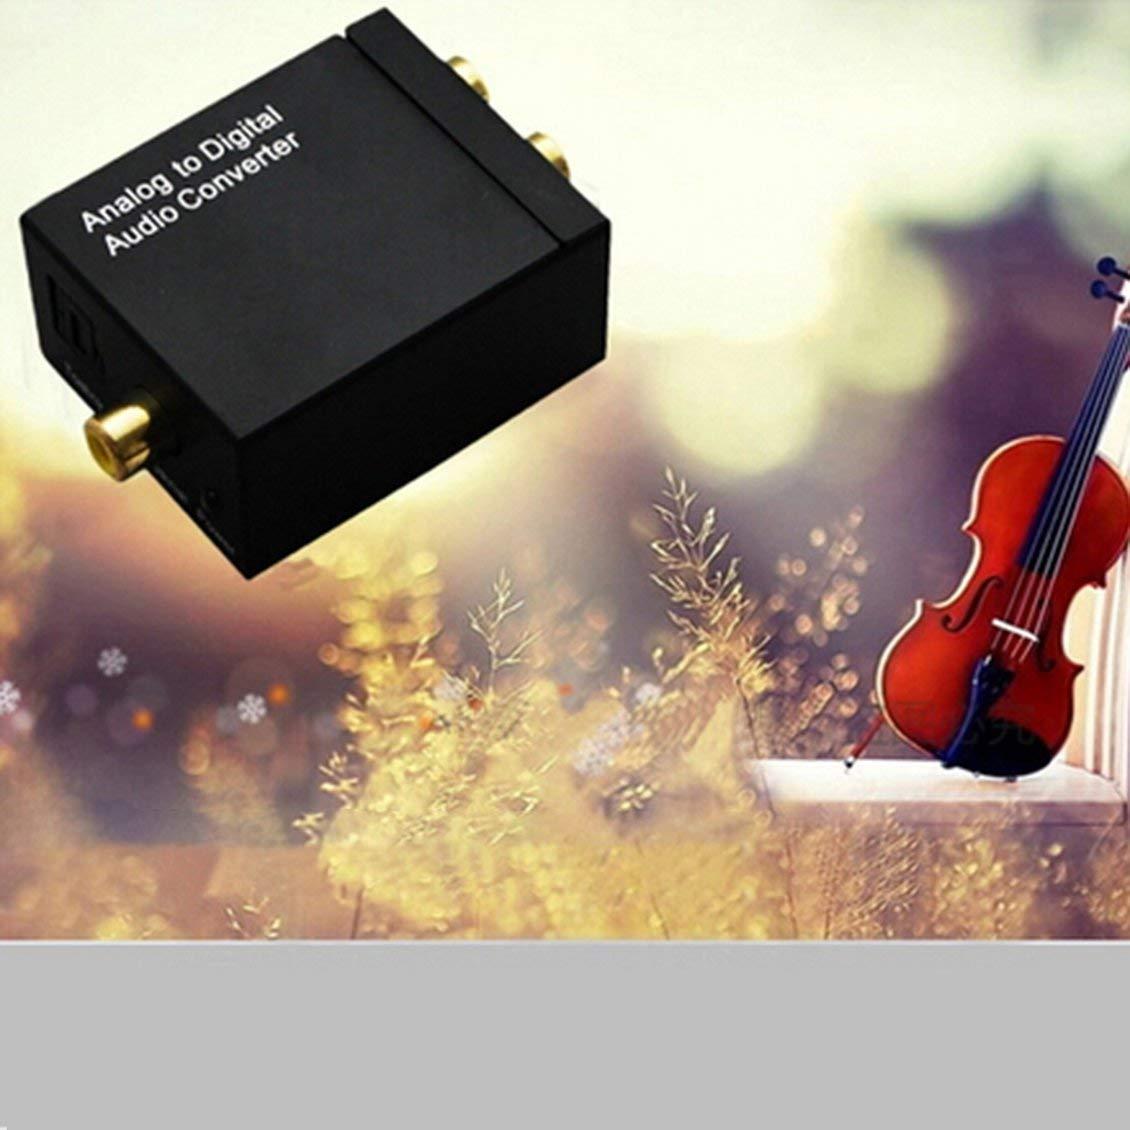 Negro Se/ñal /óptica Digital coaxial a Adaptador de convertidor de Audio anal/ógico RCA Conversor de Audio Digital a anal/ógico